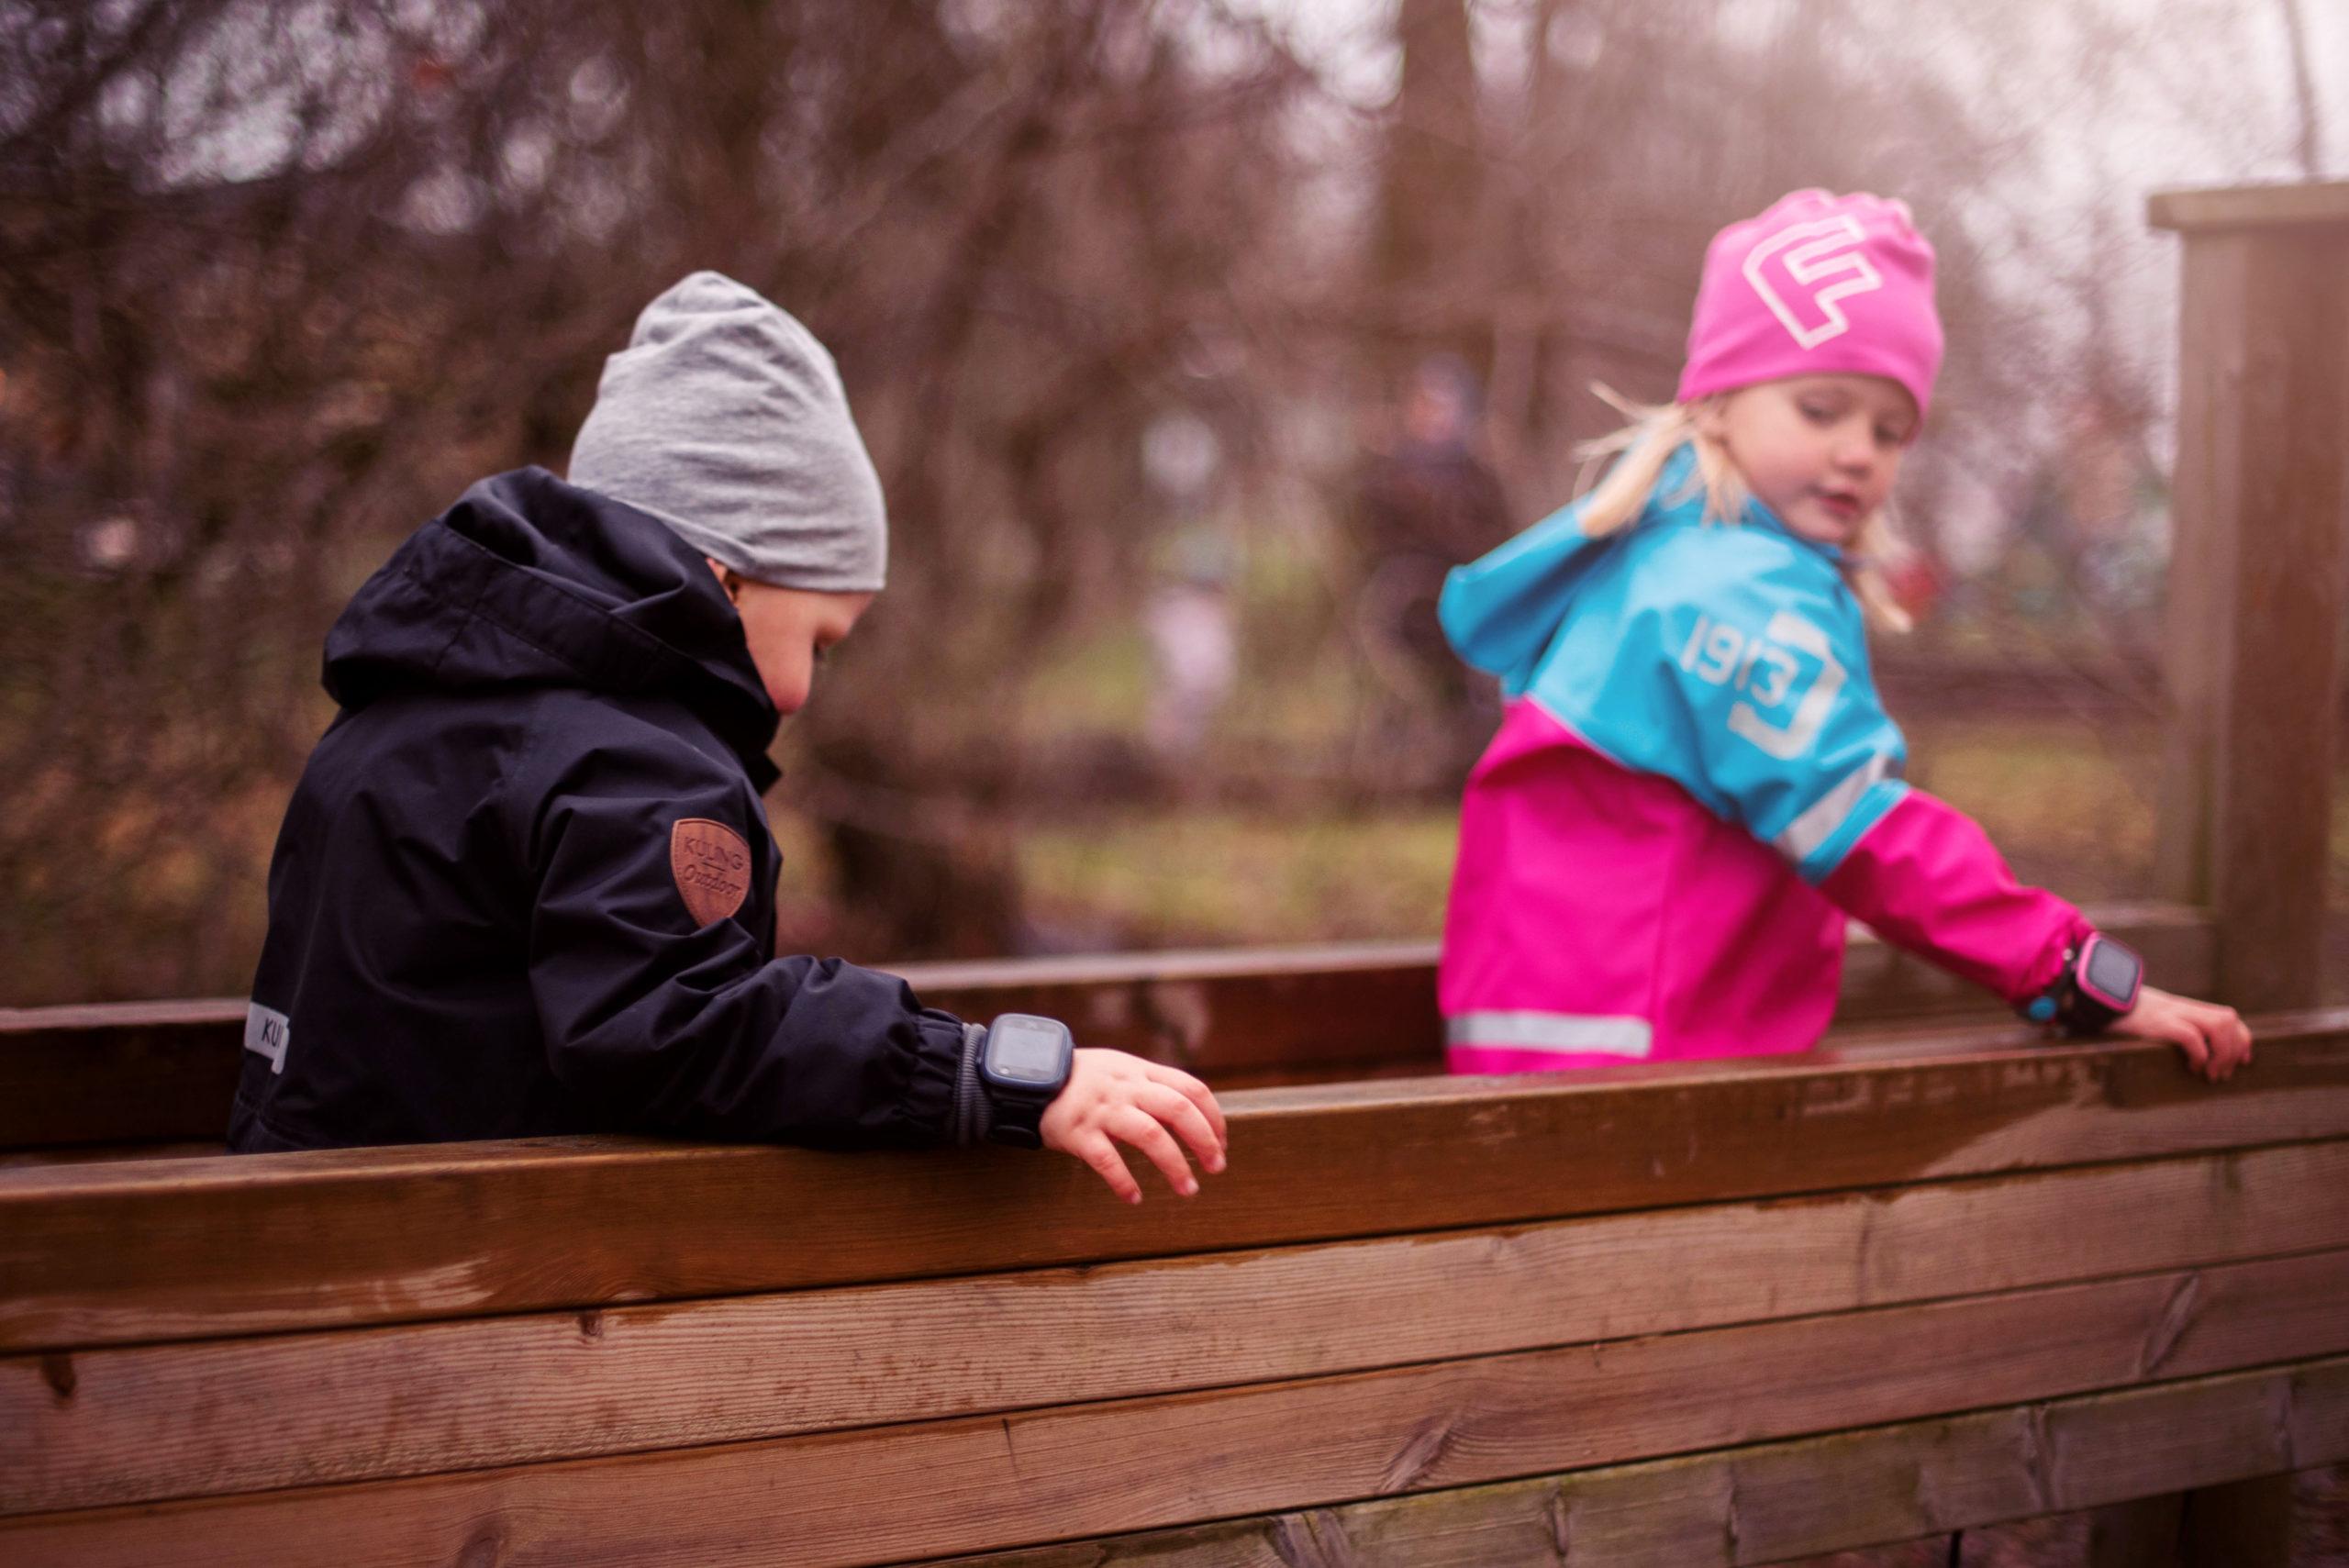 Efterårsaktiviteter for børn